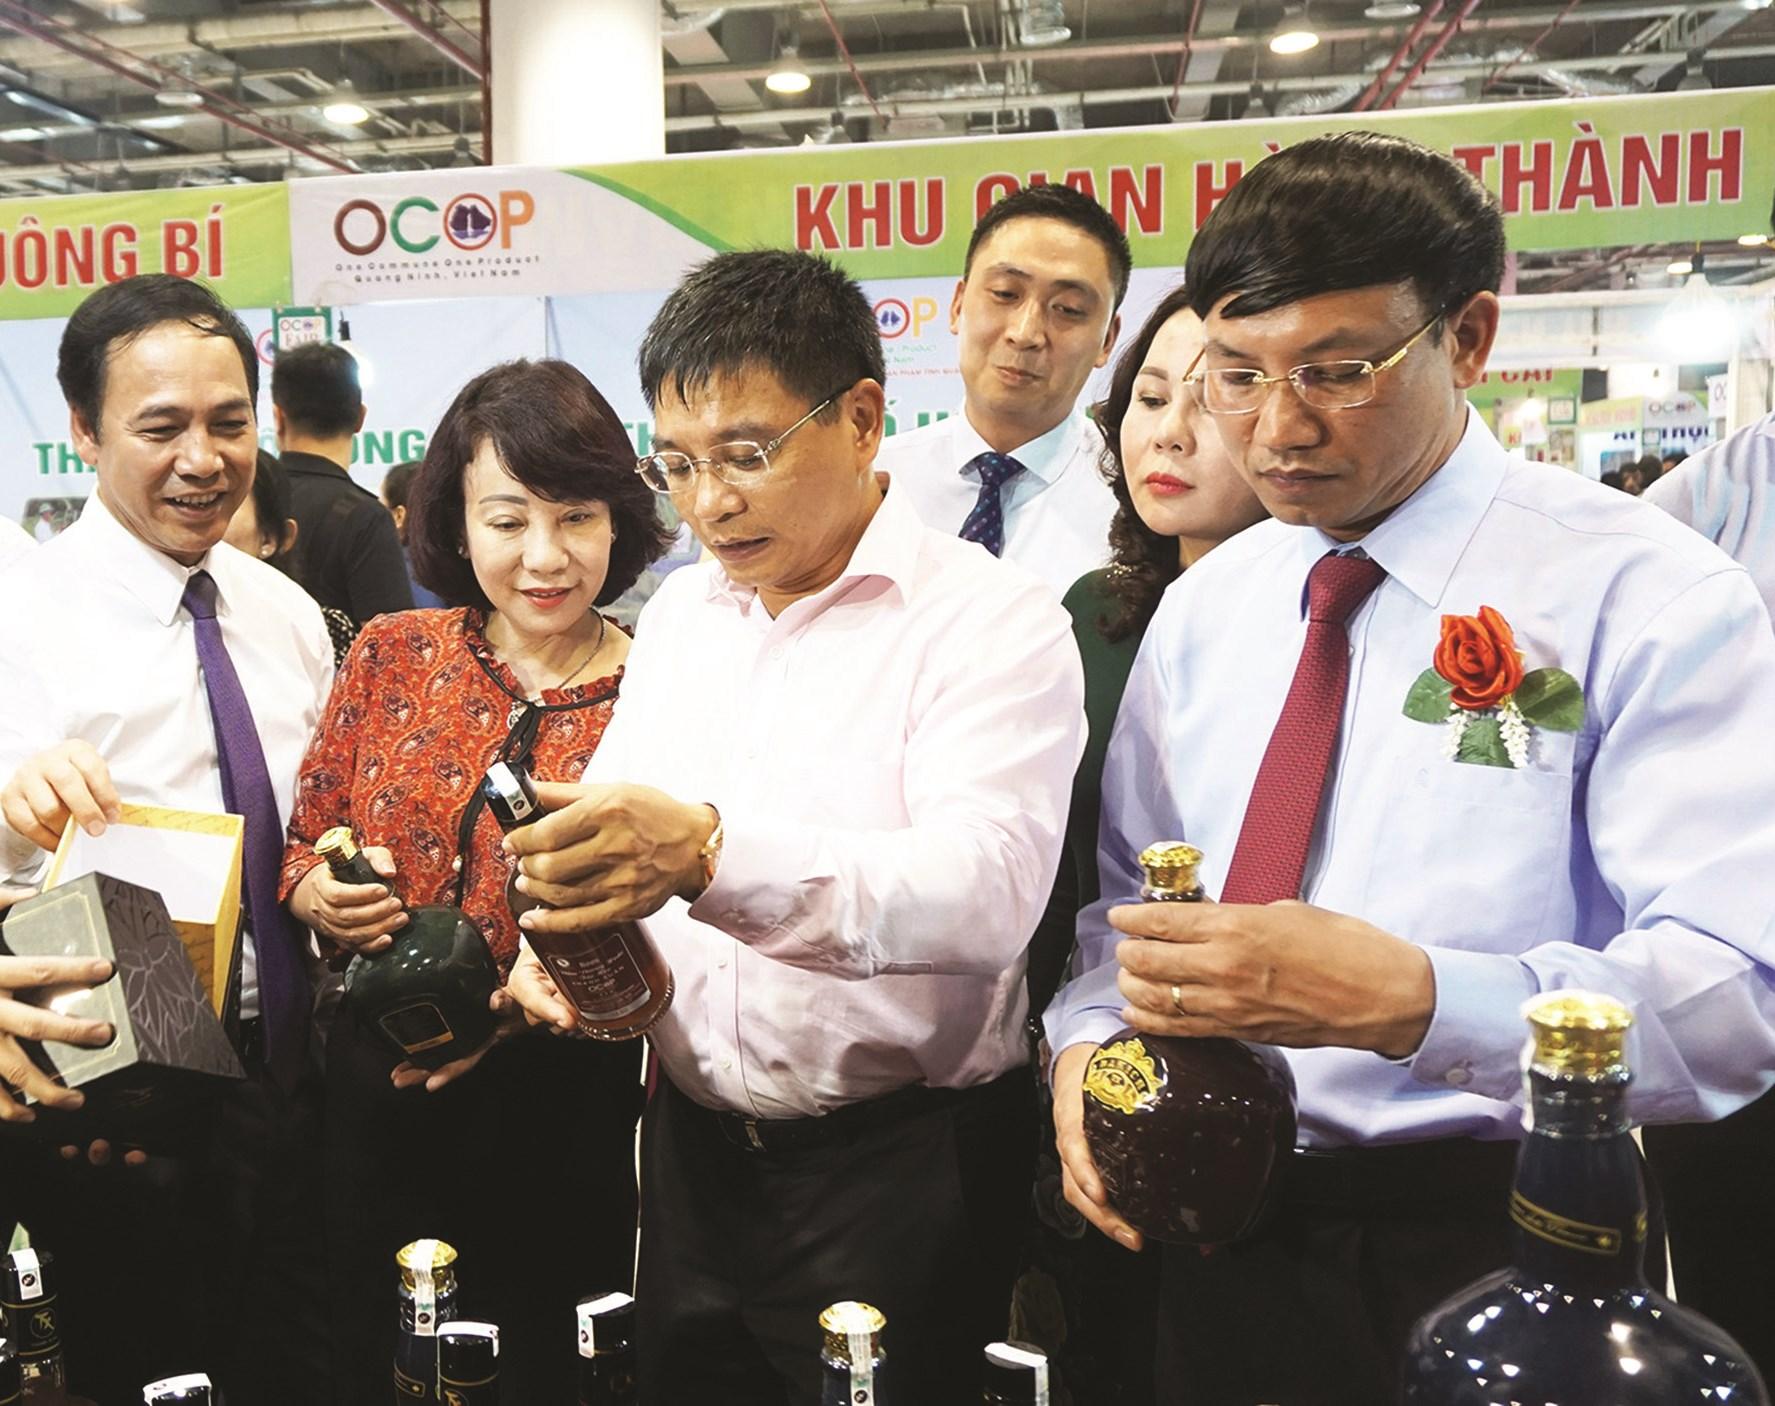 Bí thư Tỉnh ủy, Chủ tịch HĐND tỉnh Quảng Ninh- Nguyễn Xuân Ký (thứ nhất từ phải) và Chủ tịch UBND tỉnh Quảng Ninh- Nguyễn Văn Thắng (thứ hai từ phải)  xem sản phẩm OCOP Quảng Ninh.